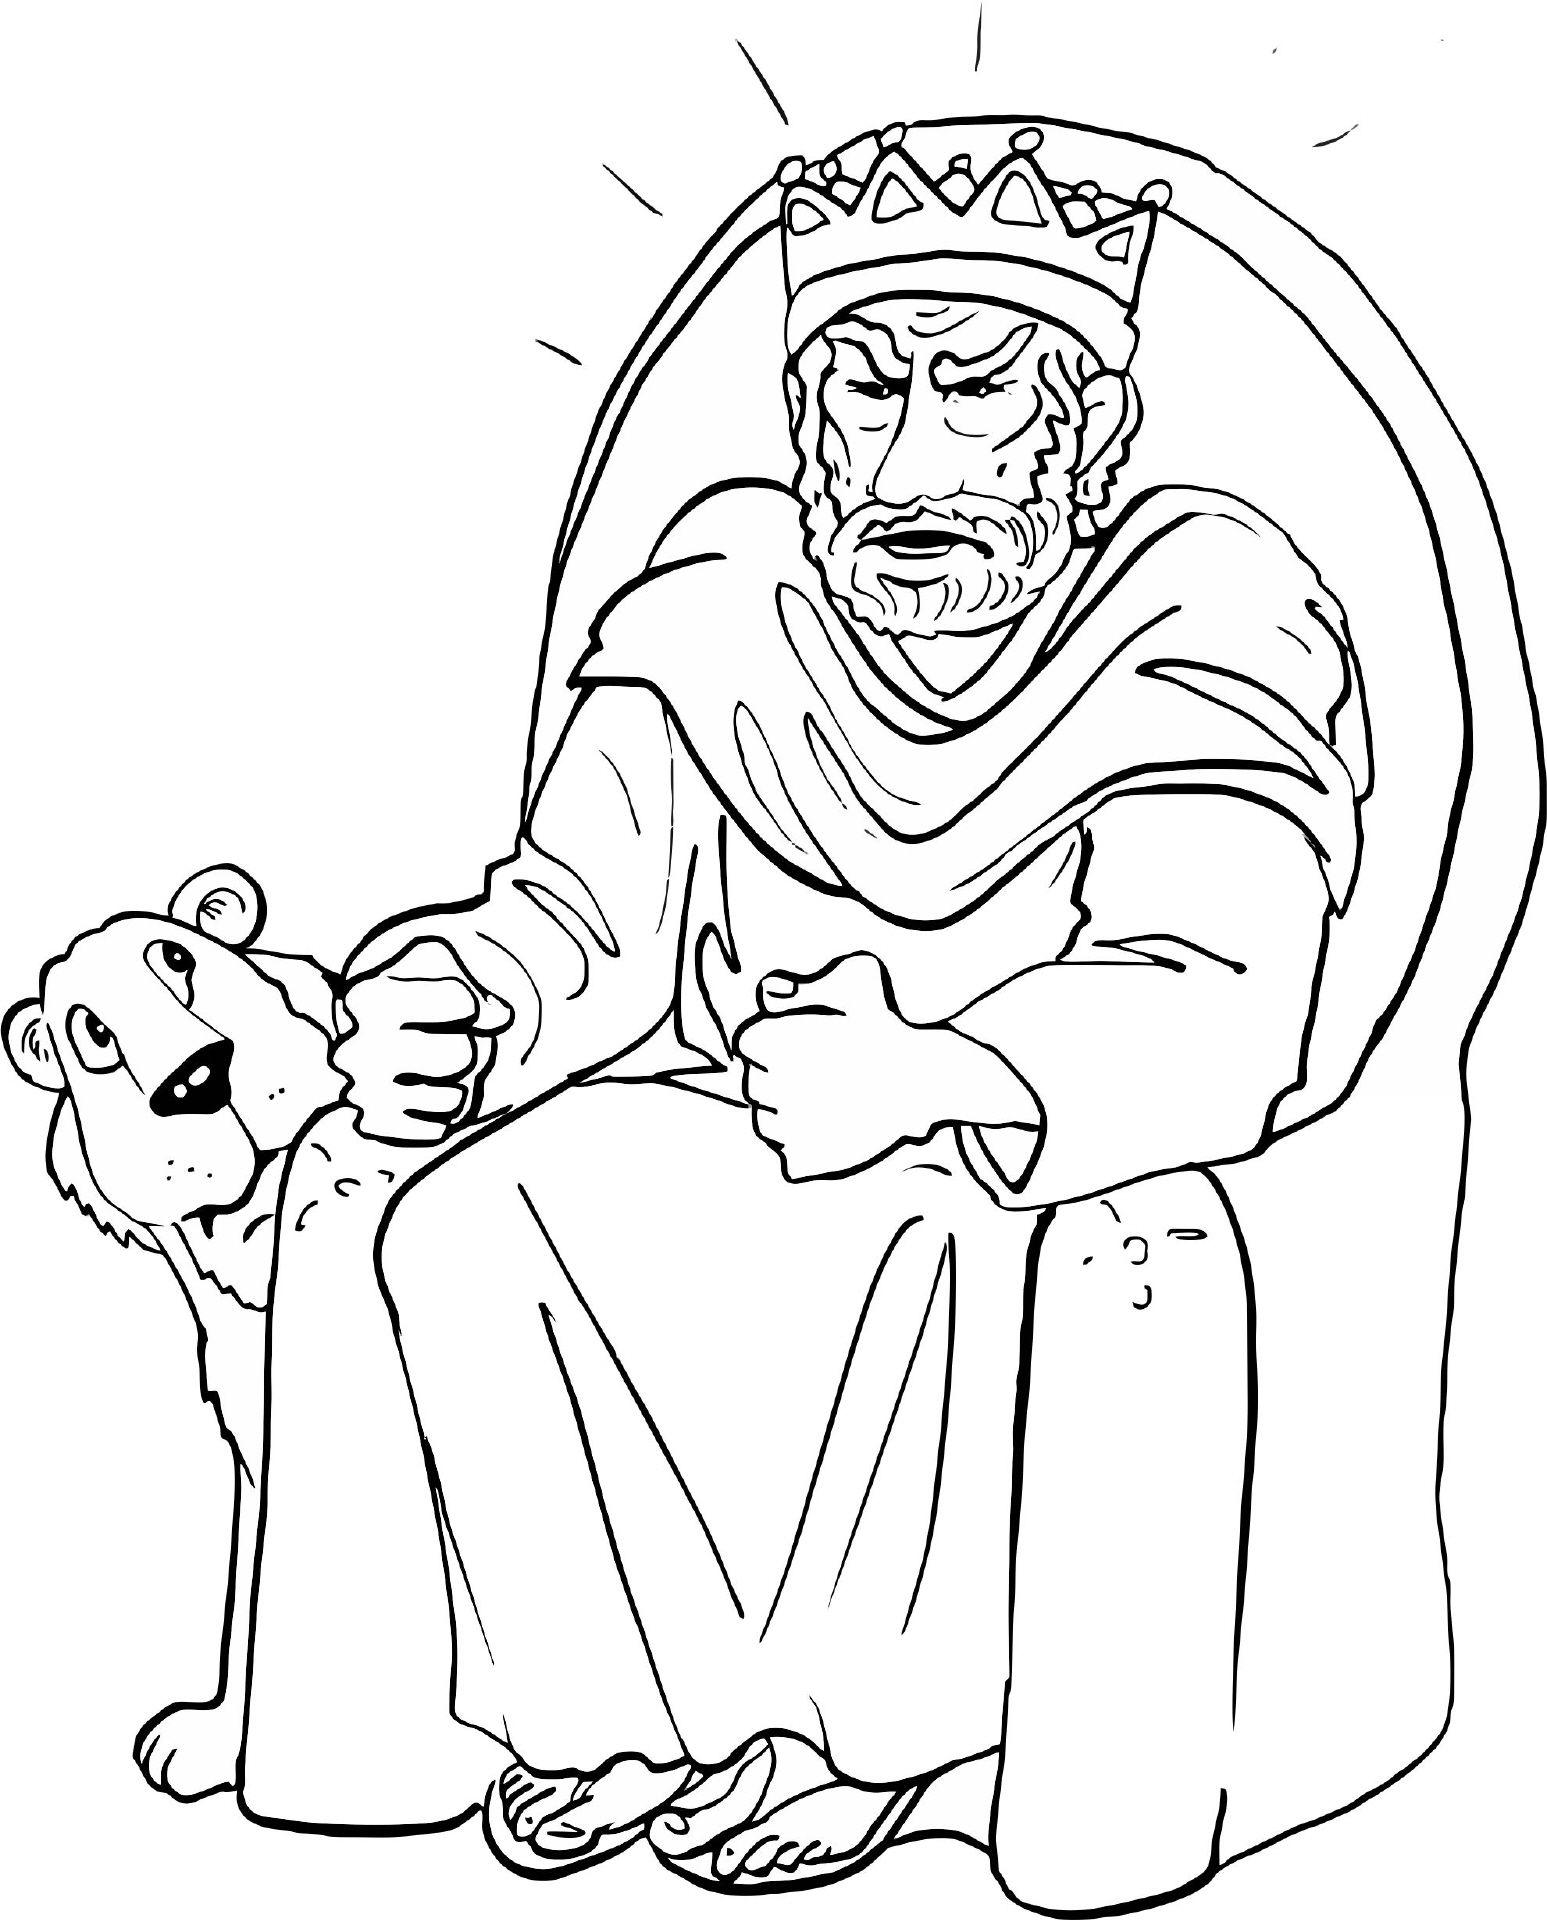 Großzügig König David Malvorlagen Zeitgenössisch - Druckbare ...